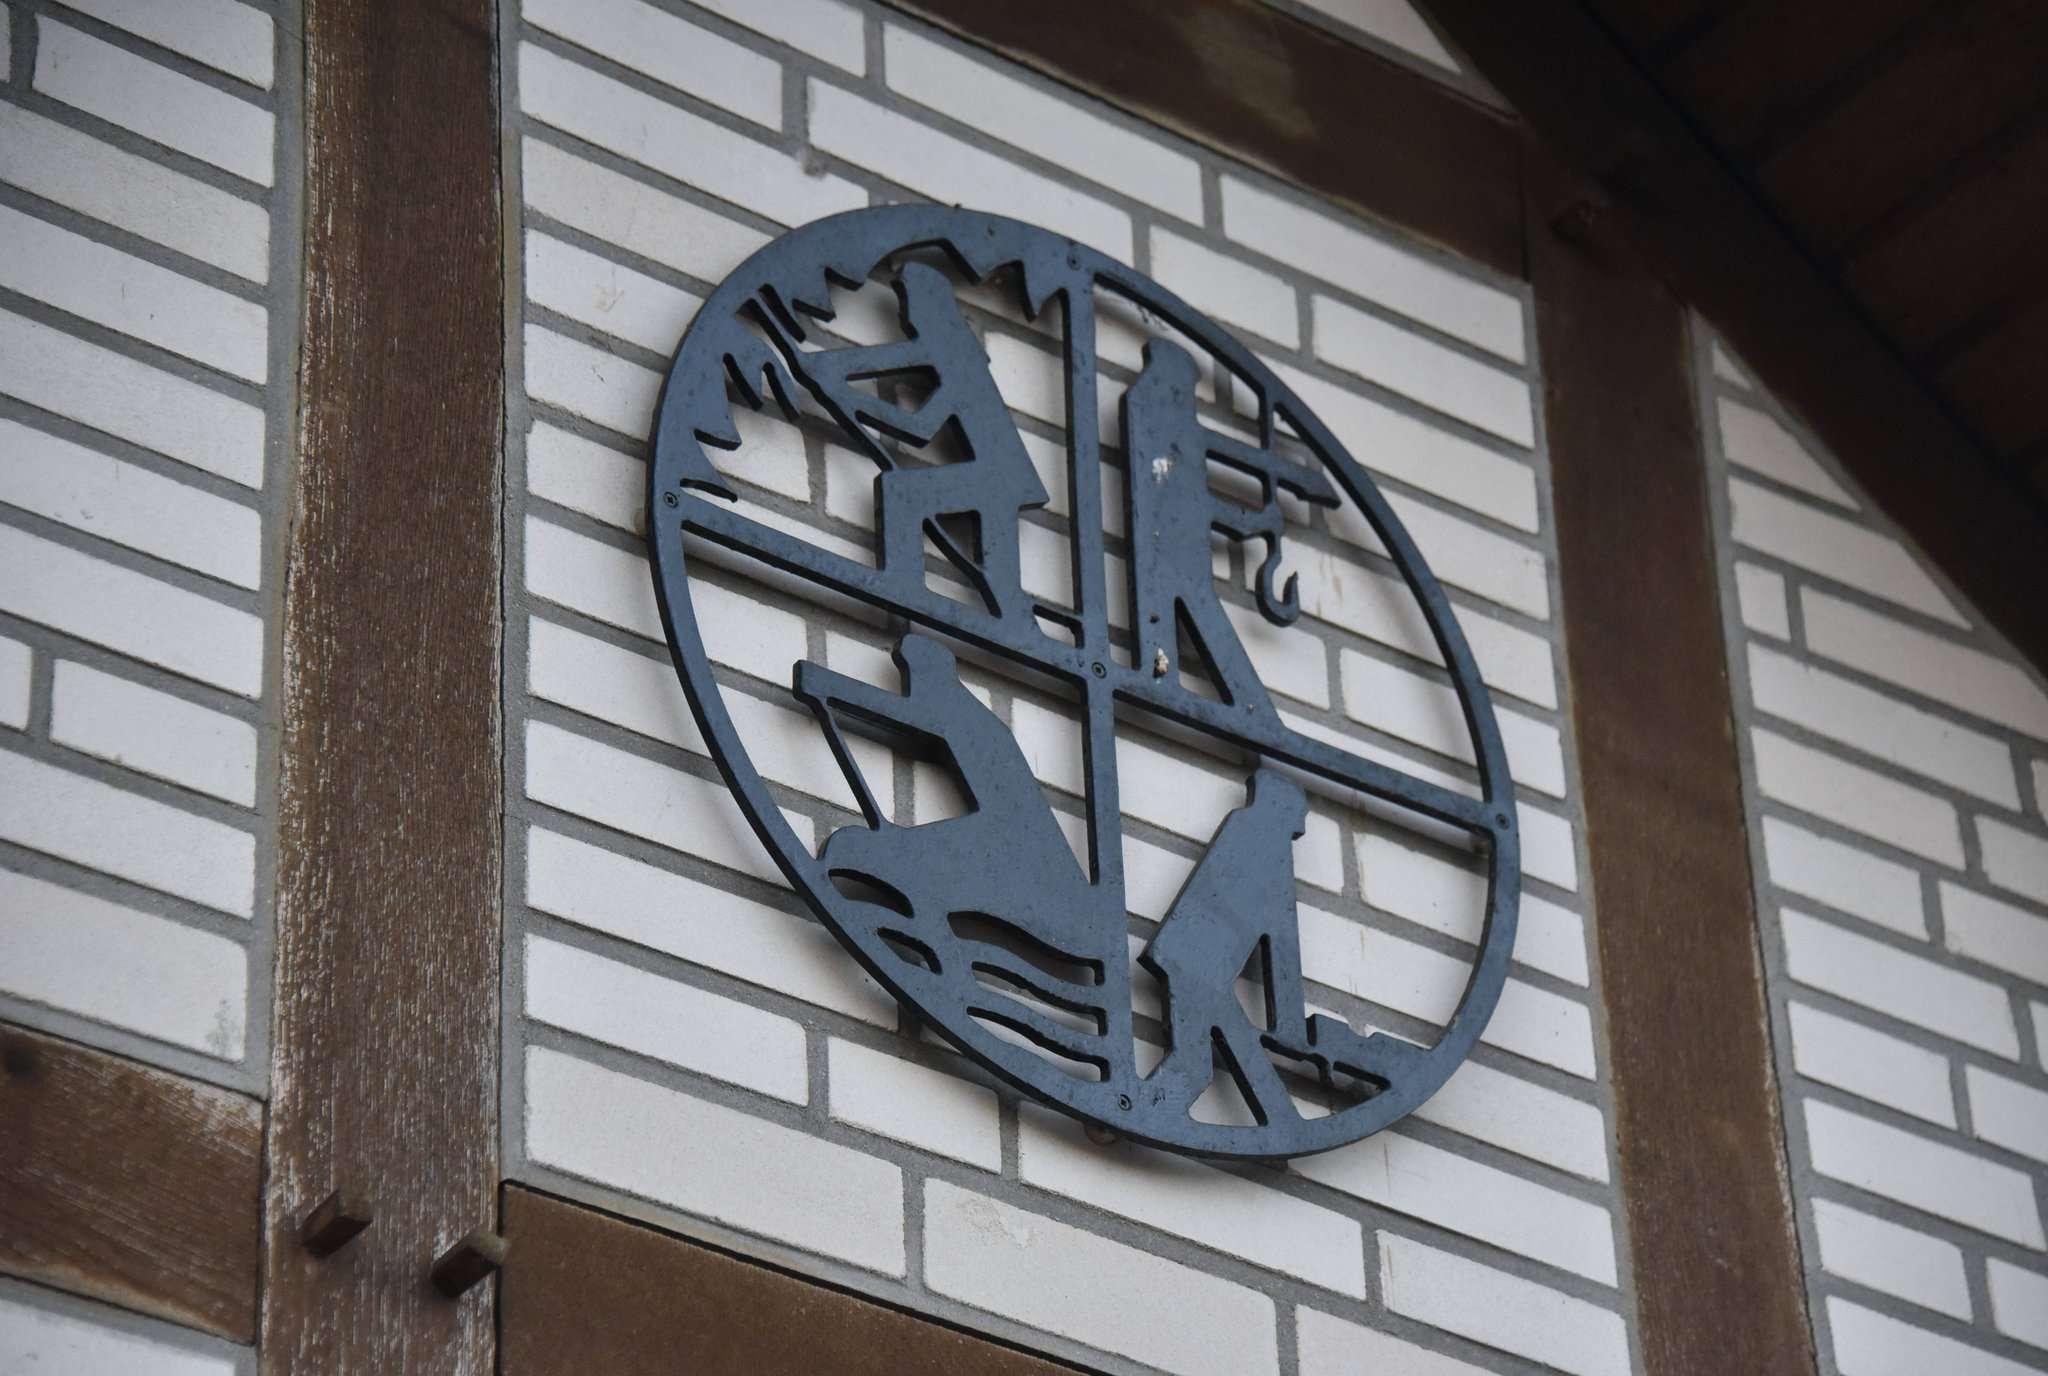 Das Feuerwehr-Signet an der Fachwerk-Front des Kalthauses in Hellwege. Einige Bürger treibt die Sorge um die Zukunft des Gebäudes um.